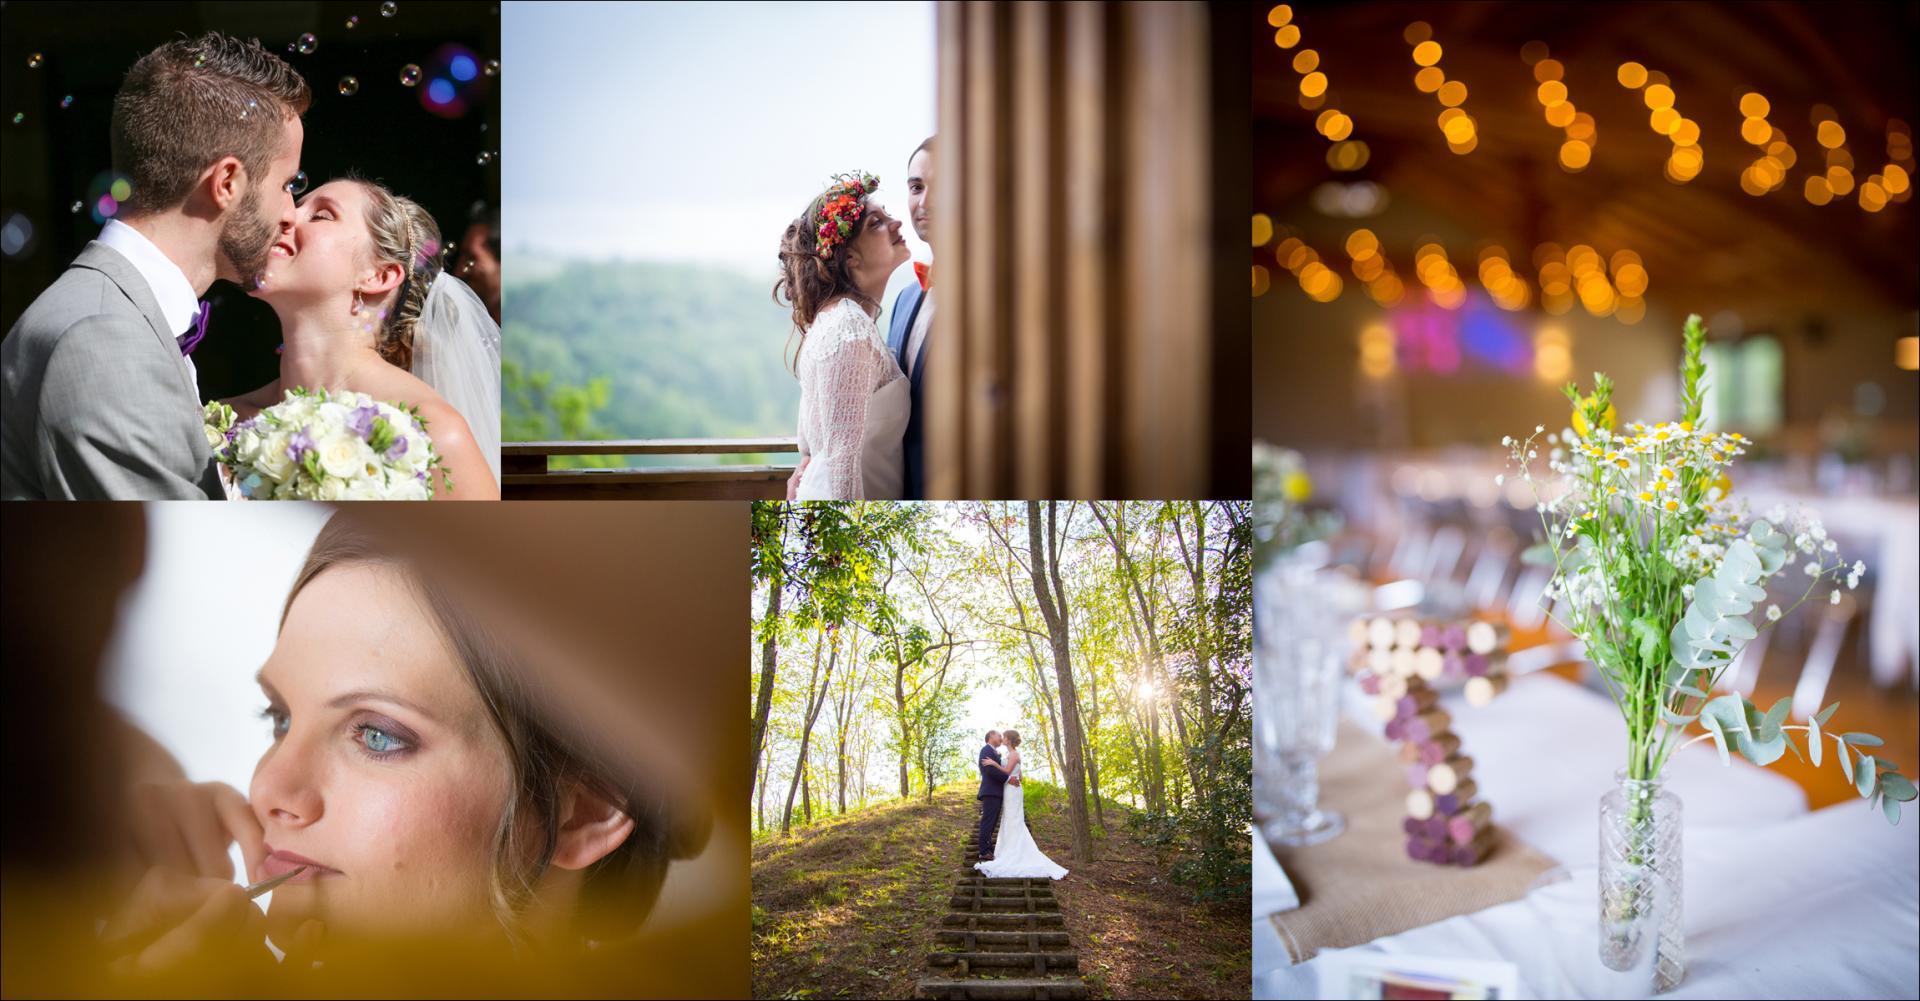 Photographe mariage toulouse haute garonne